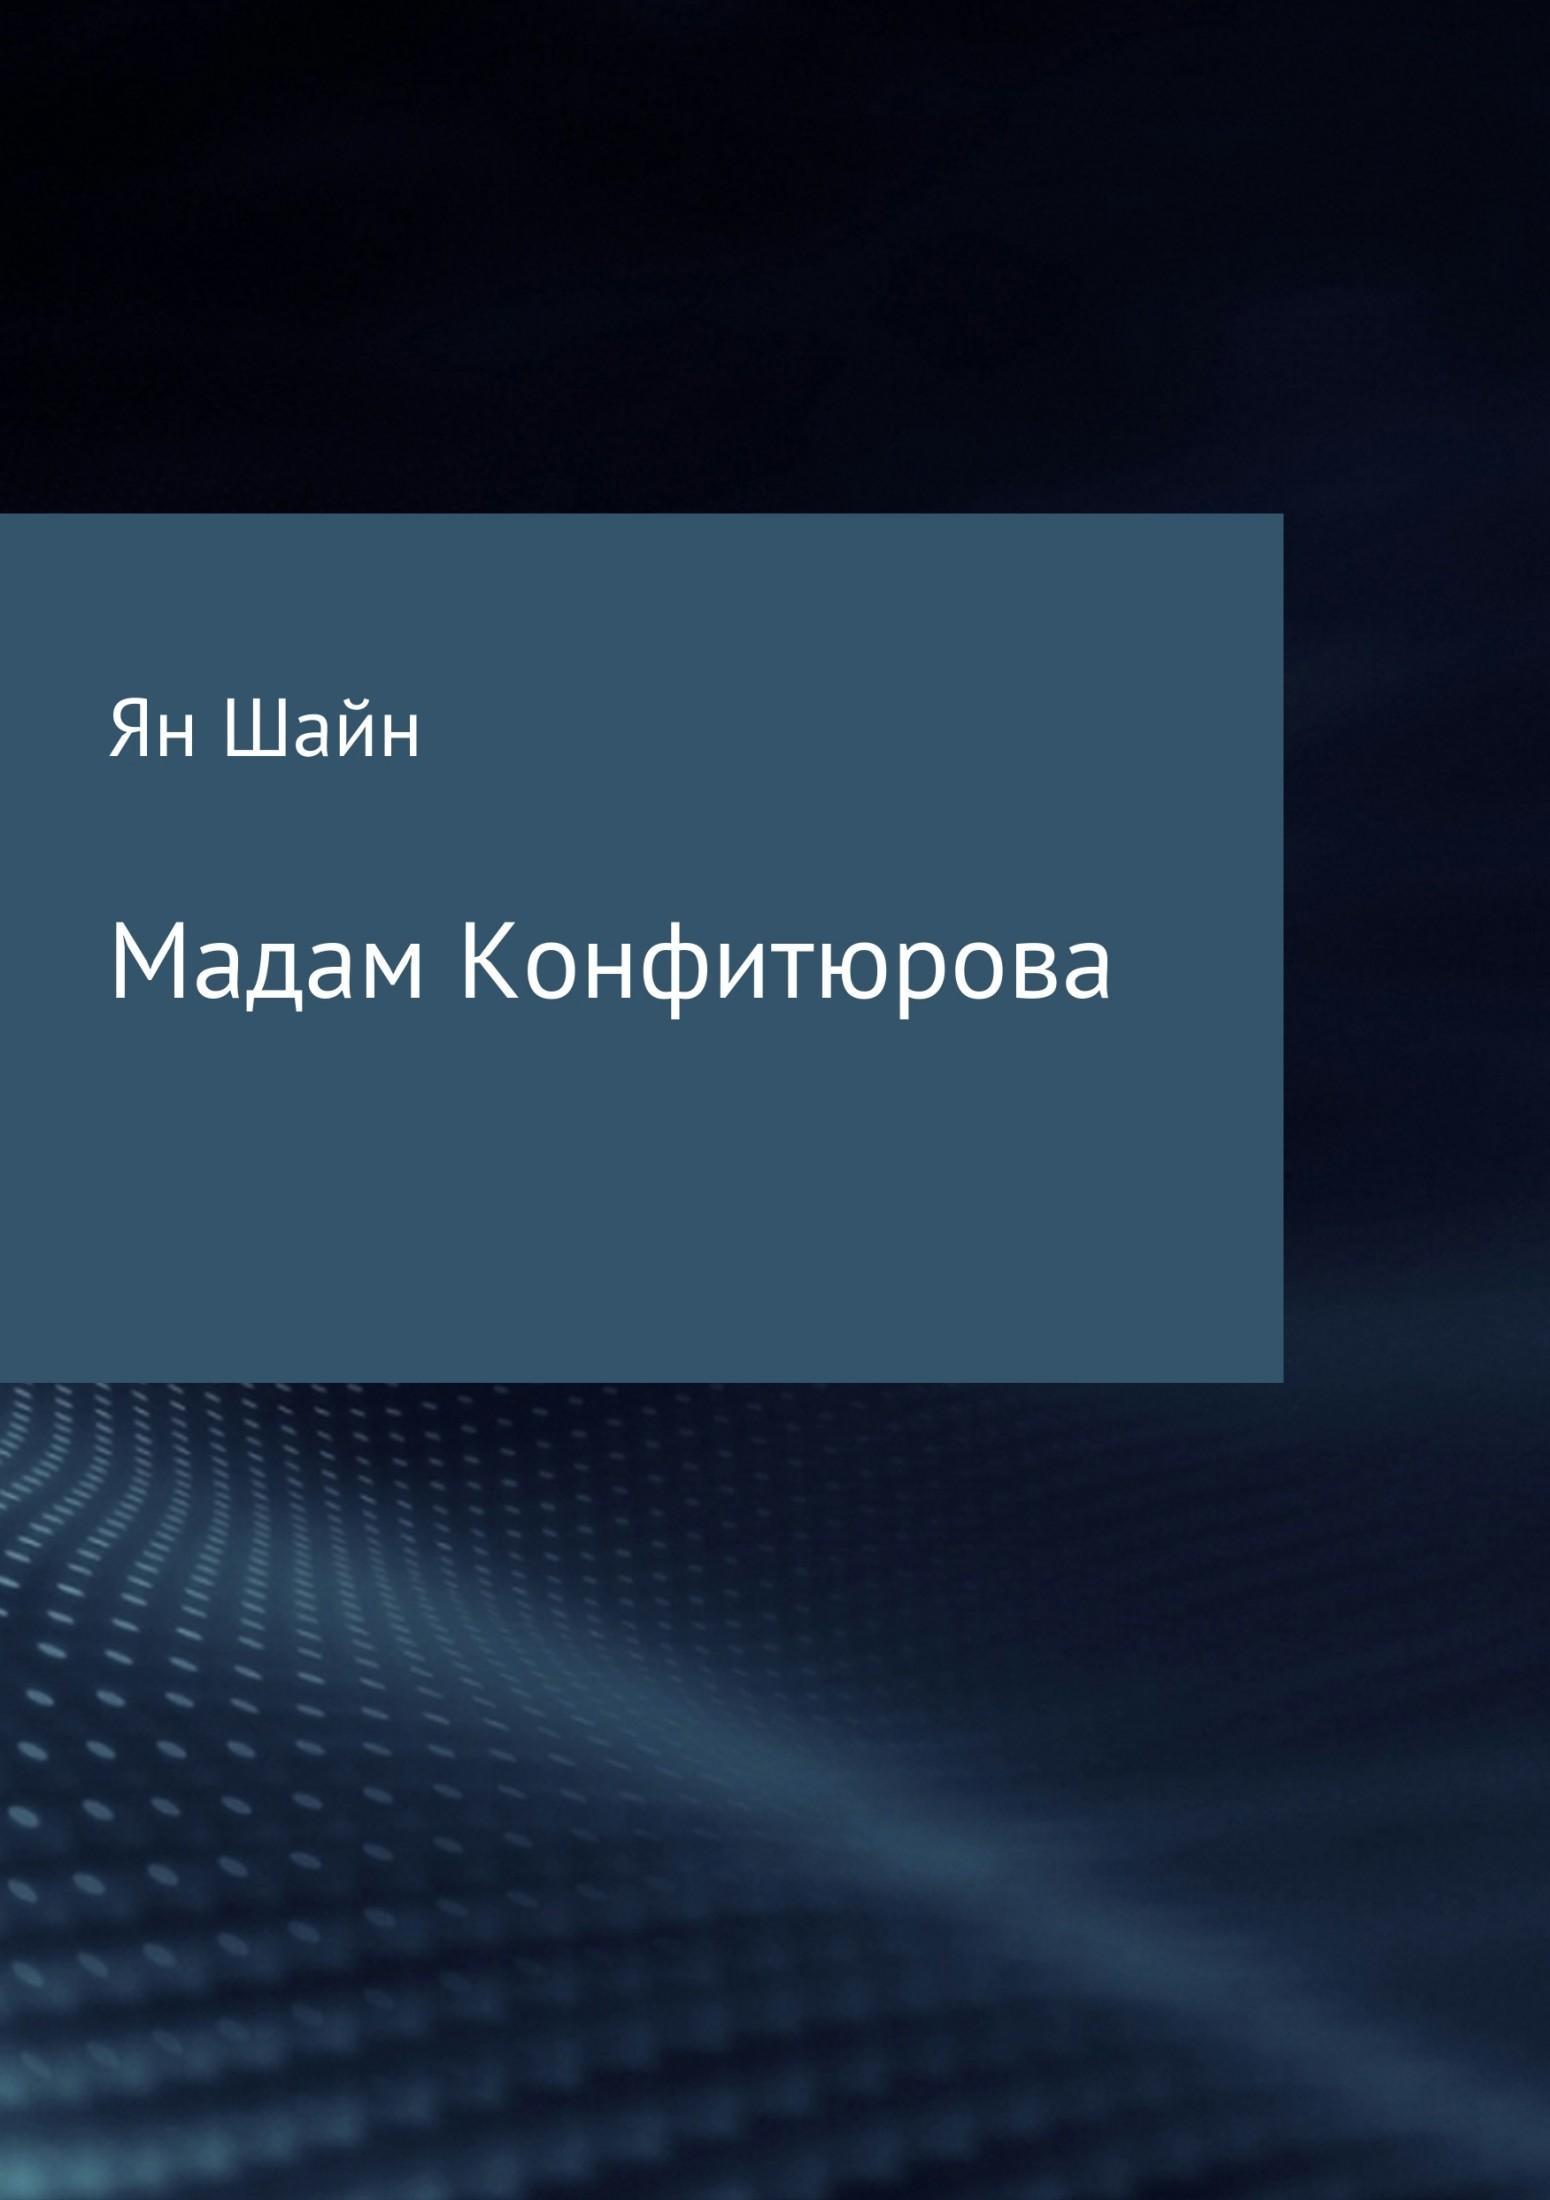 Мадам Конфитюрова